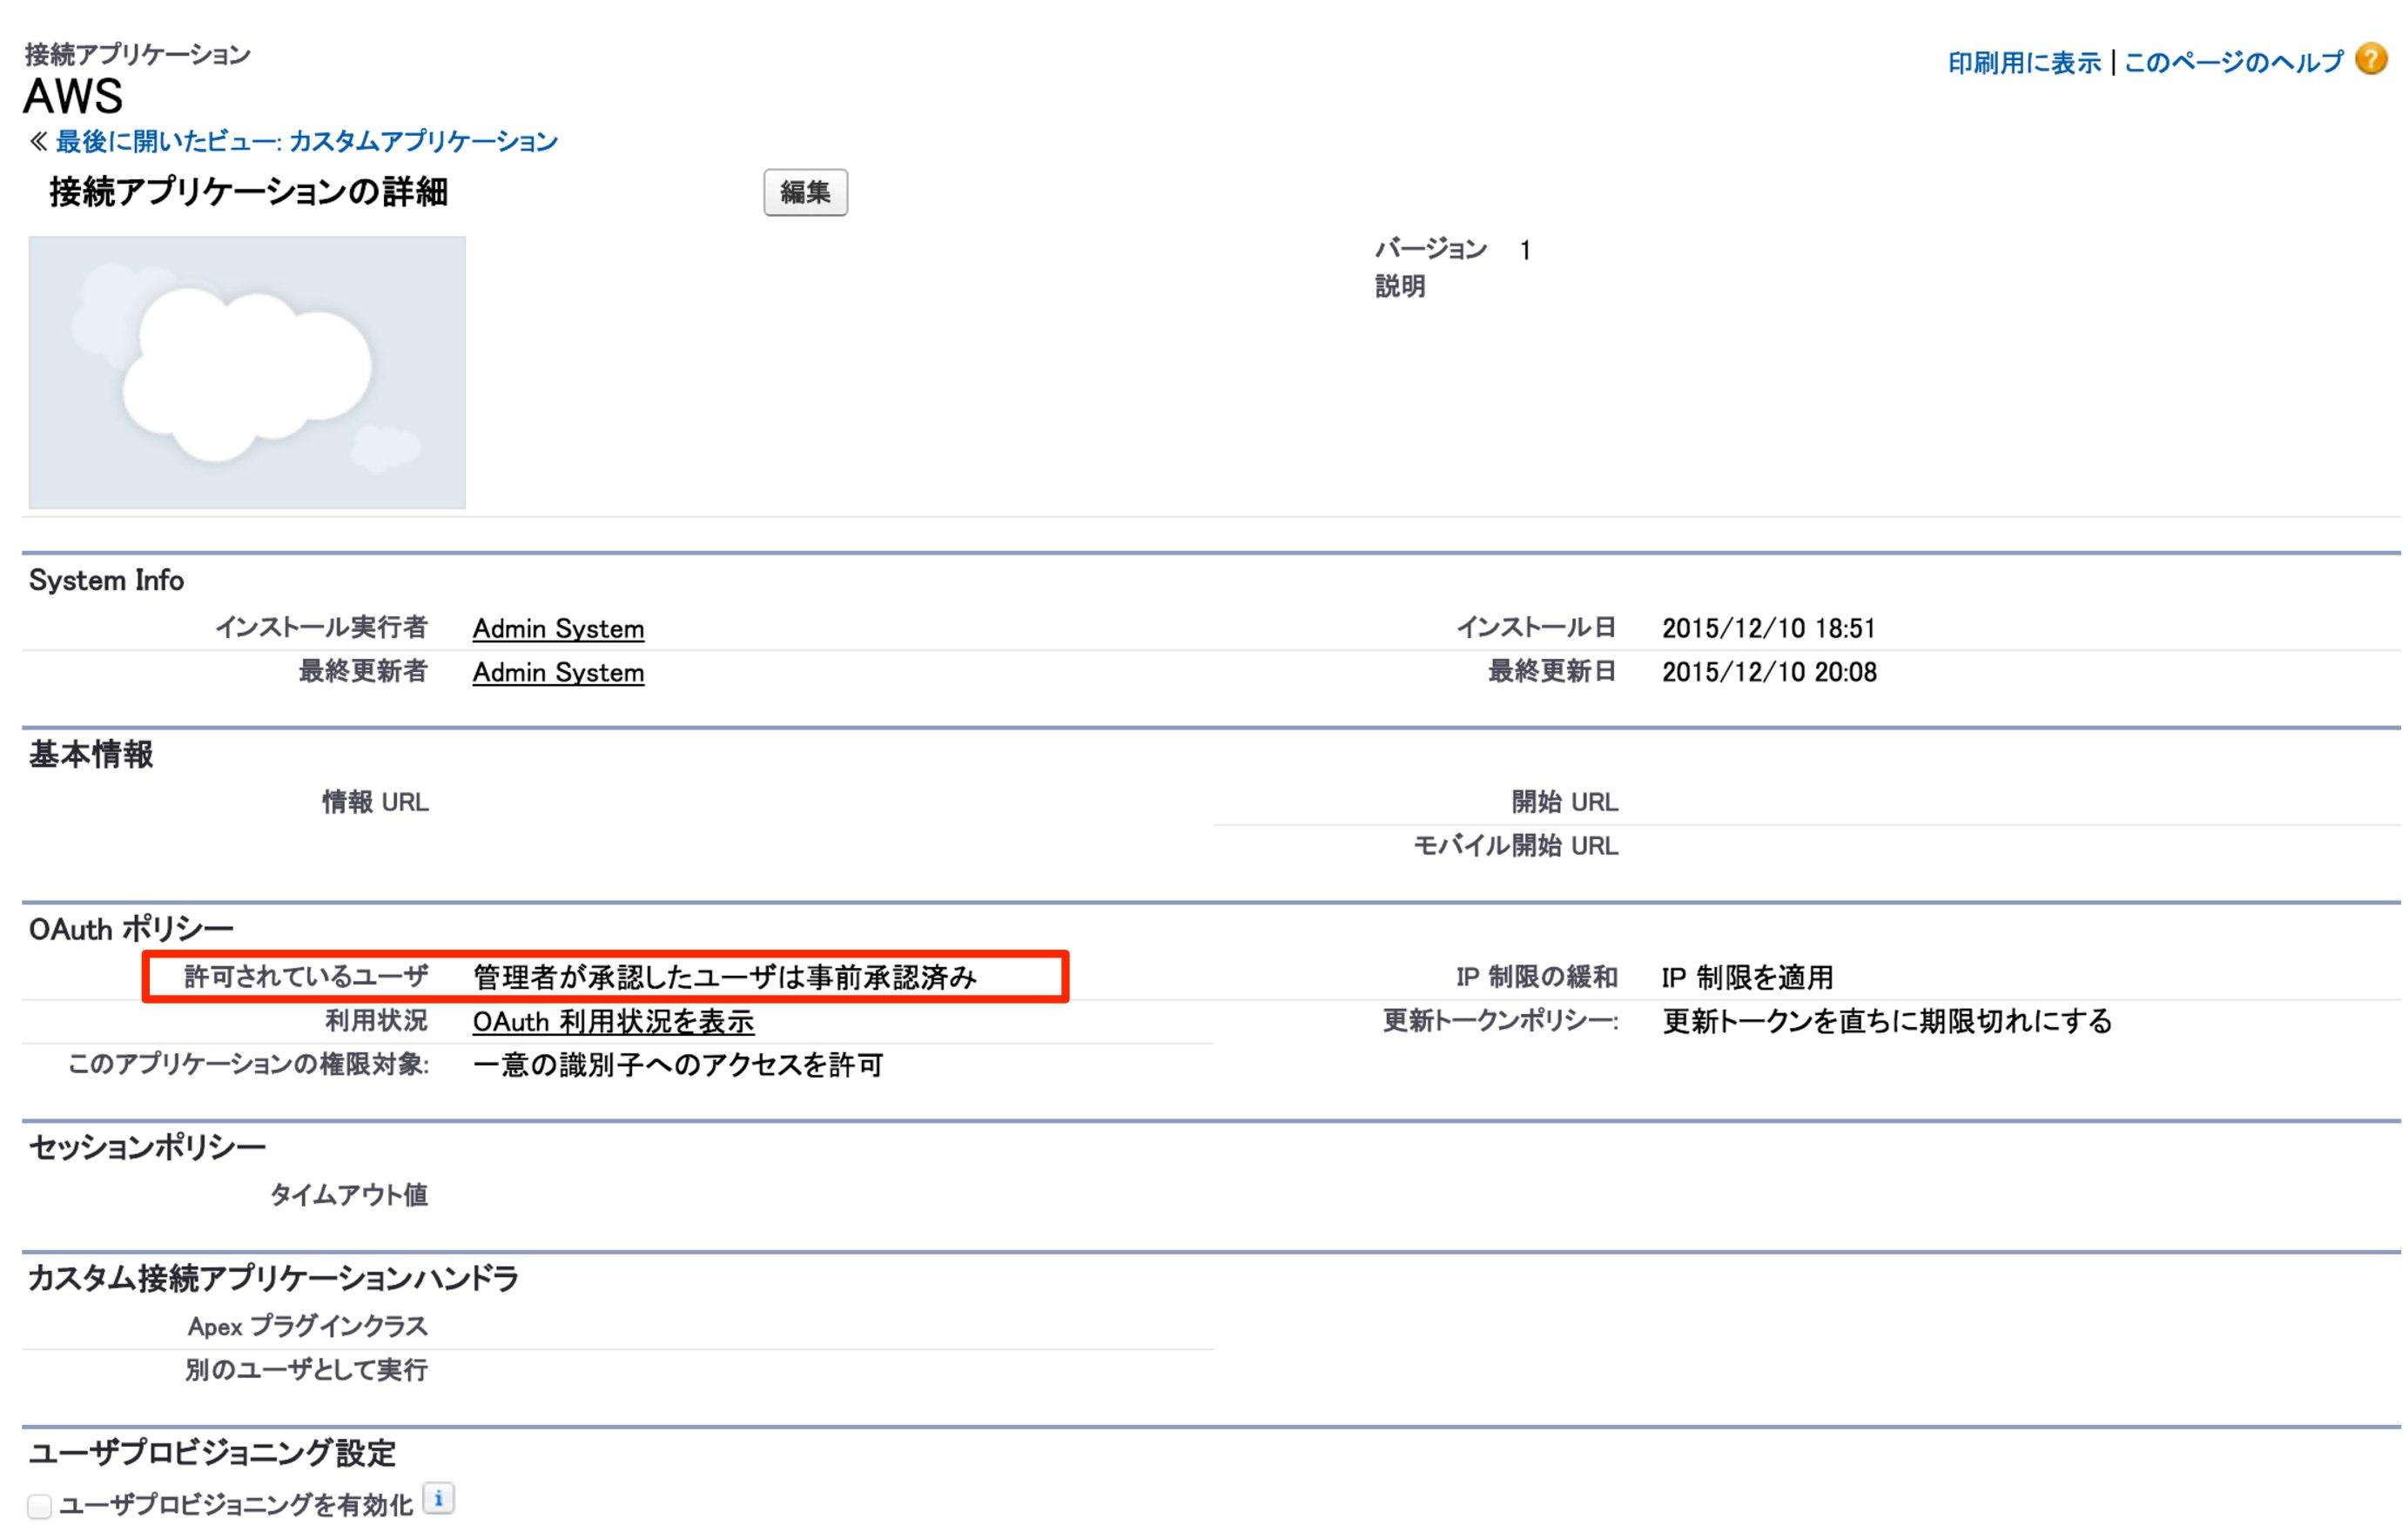 接続アプリケーション_ AWS ~ Salesforce - Developer Edition-2.jpg